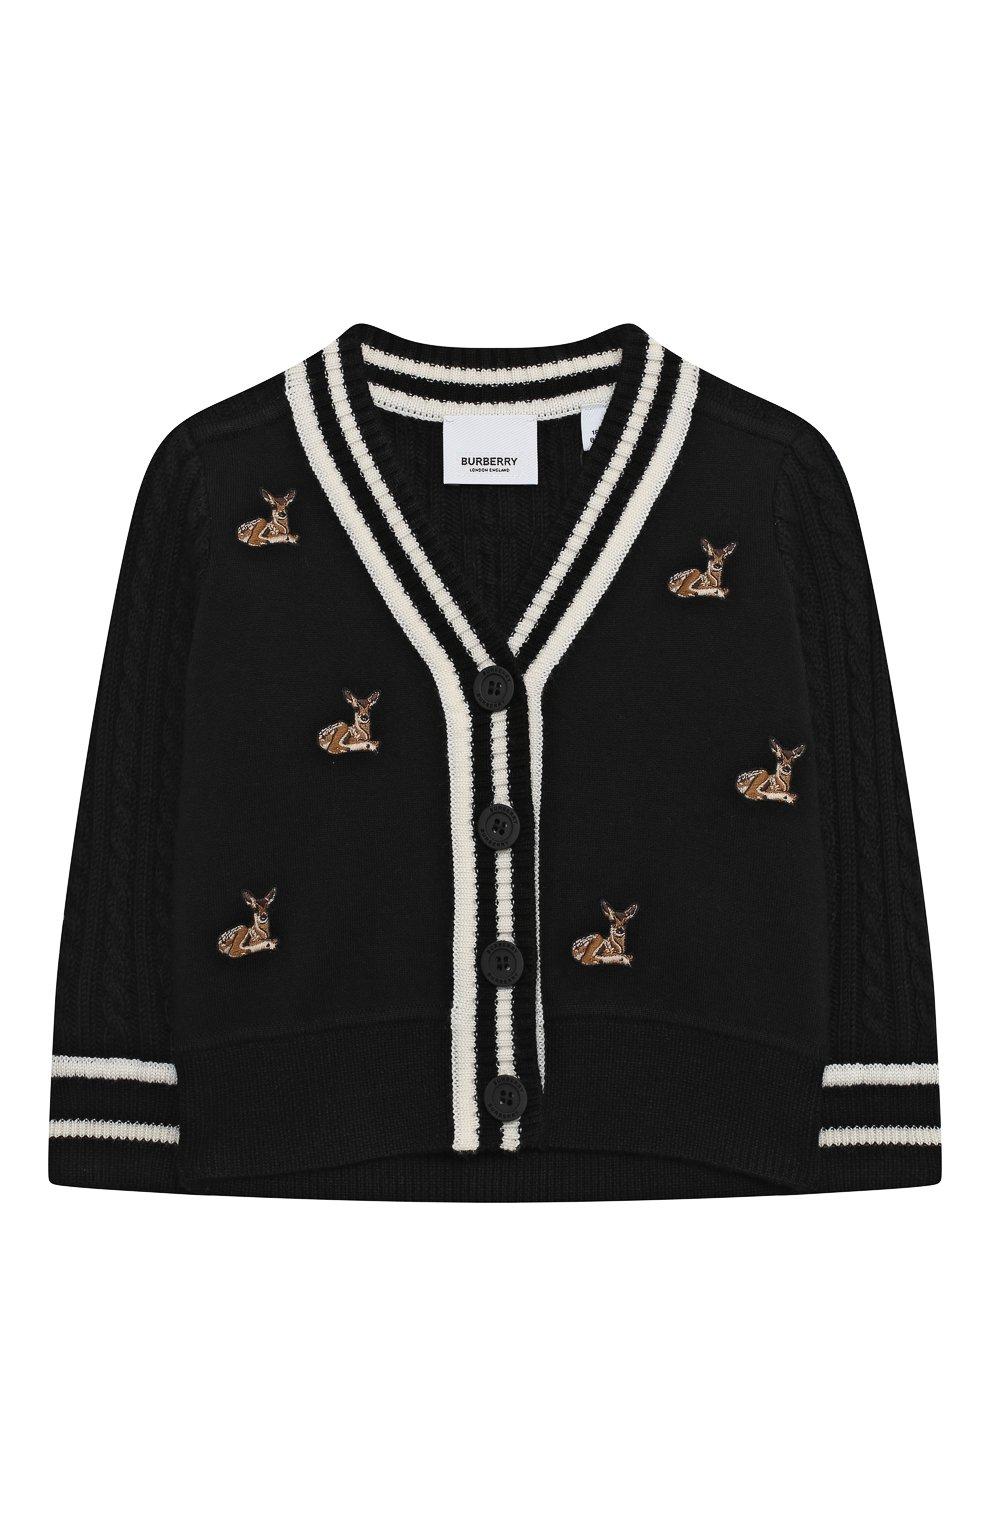 Детский шерстяной кардиган BURBERRY черного цвета, арт. 8027676 | Фото 1 (Материал внешний: Шерсть; Рукава: Длинные; Ростовка одежда: 12 мес | 80 см, 18 мес | 86 см, 24 мес | 92 см)